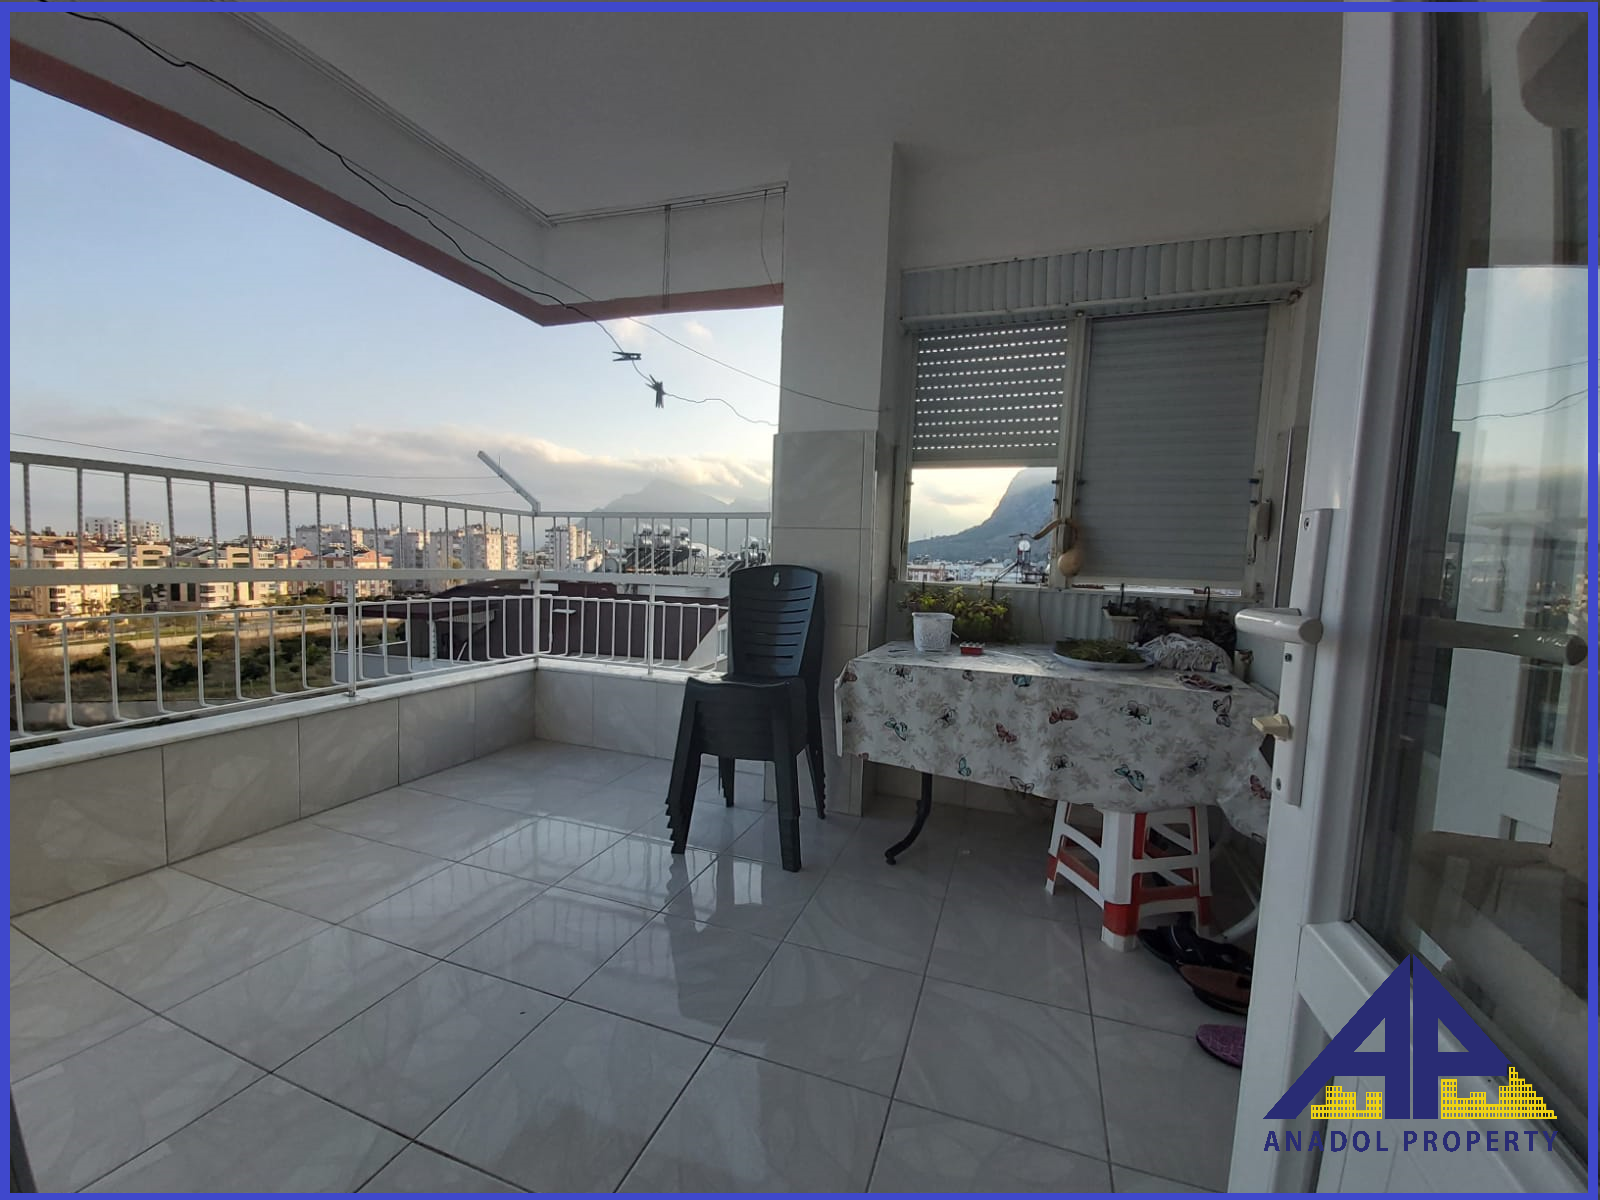 شقق للبيع في انطاليا كونيالتي | شقة ثلاث غرف و صالة للبيع في هورما